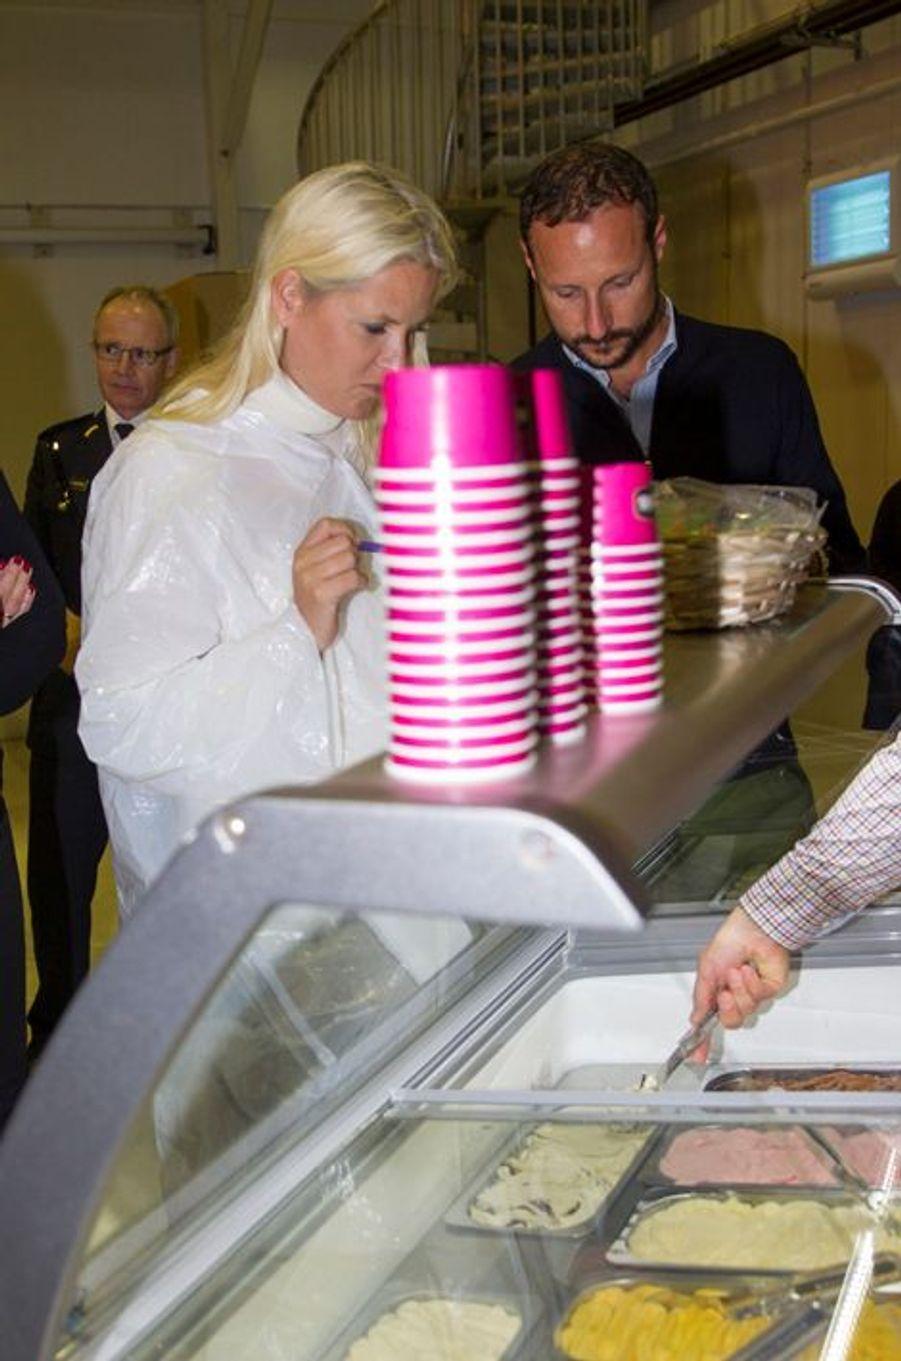 La princesse Mette-Marit et le prince Haakon de Norvège à Kolbotn, le 15 septembre 2015